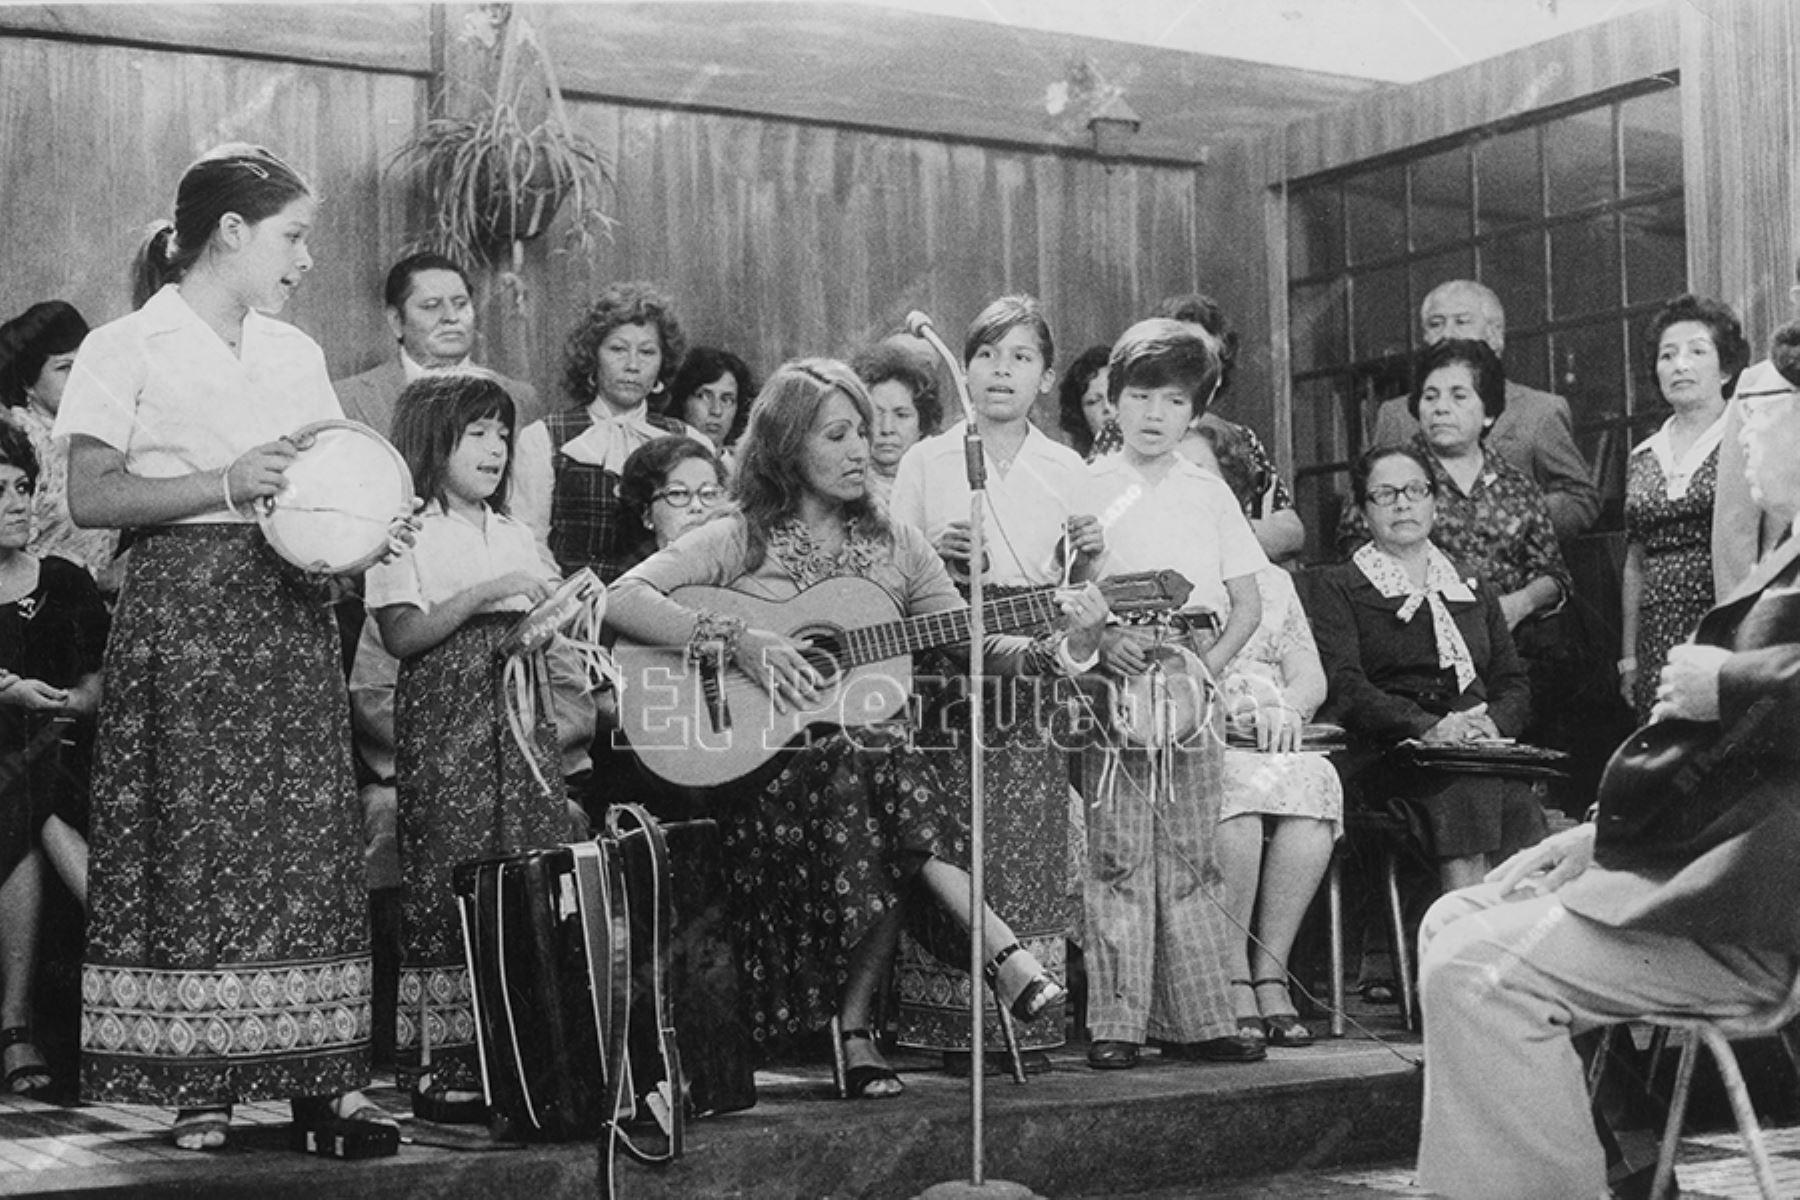 Lima - 6 mayo 1979 / Coro infantil anima  la celebración del Día de la Madre. Foto: Archivo Histórico de El Peruano